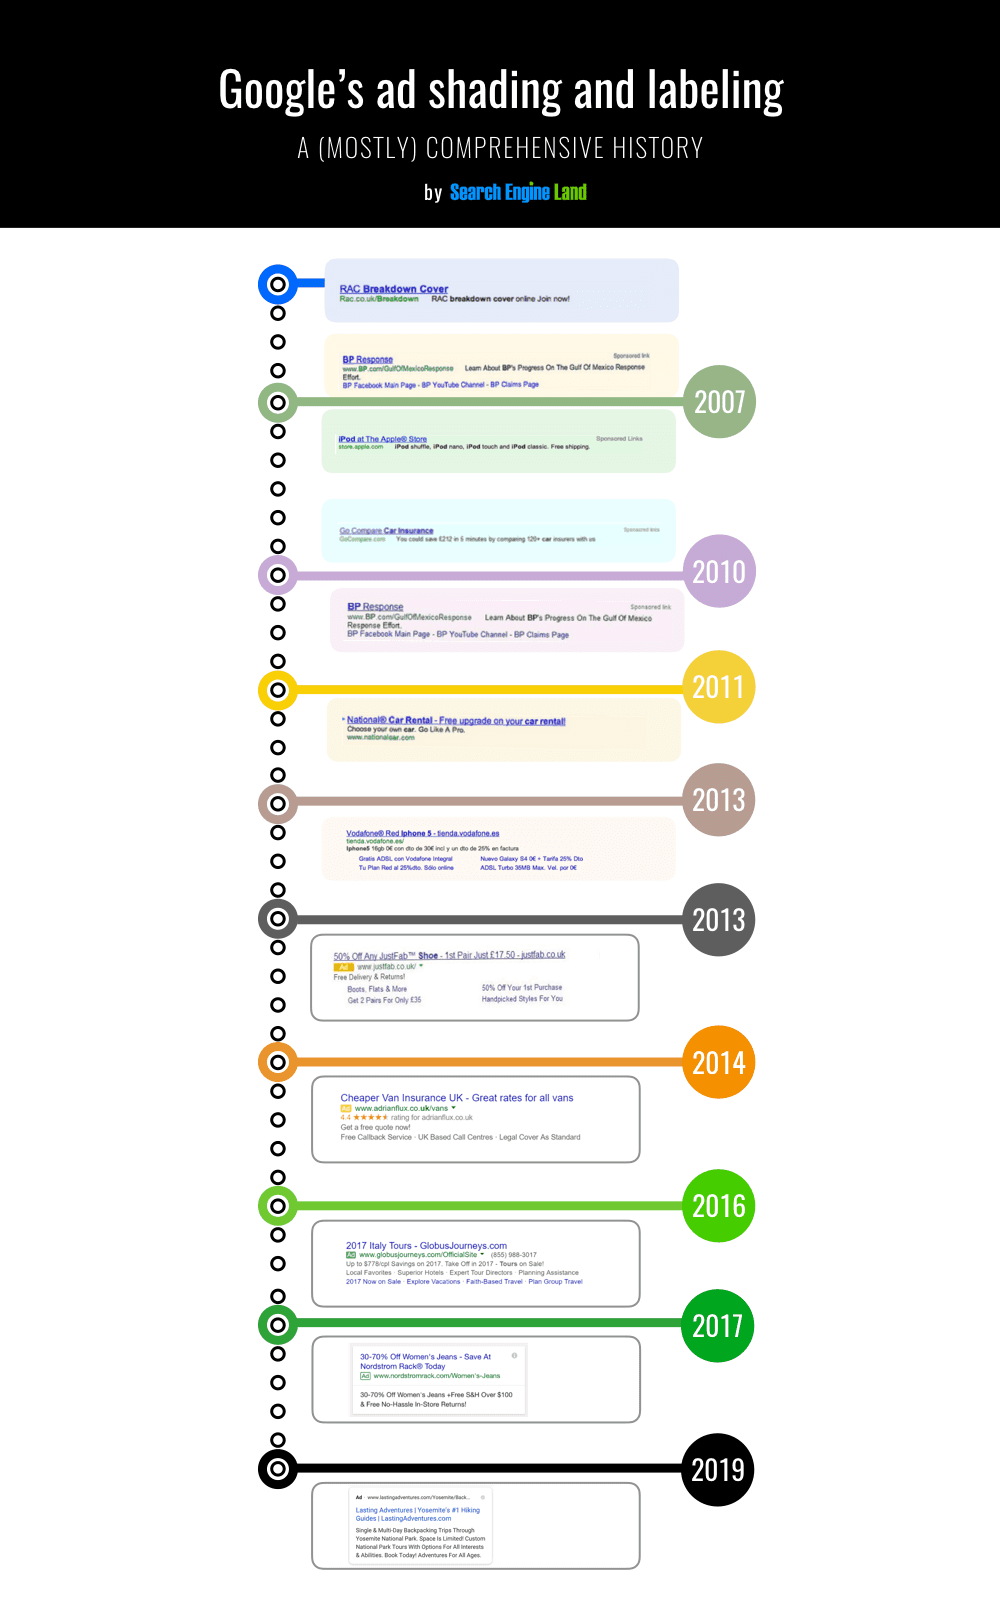 La evolución de la etiqueta de anuncio de Google en los resultados de búsqueda